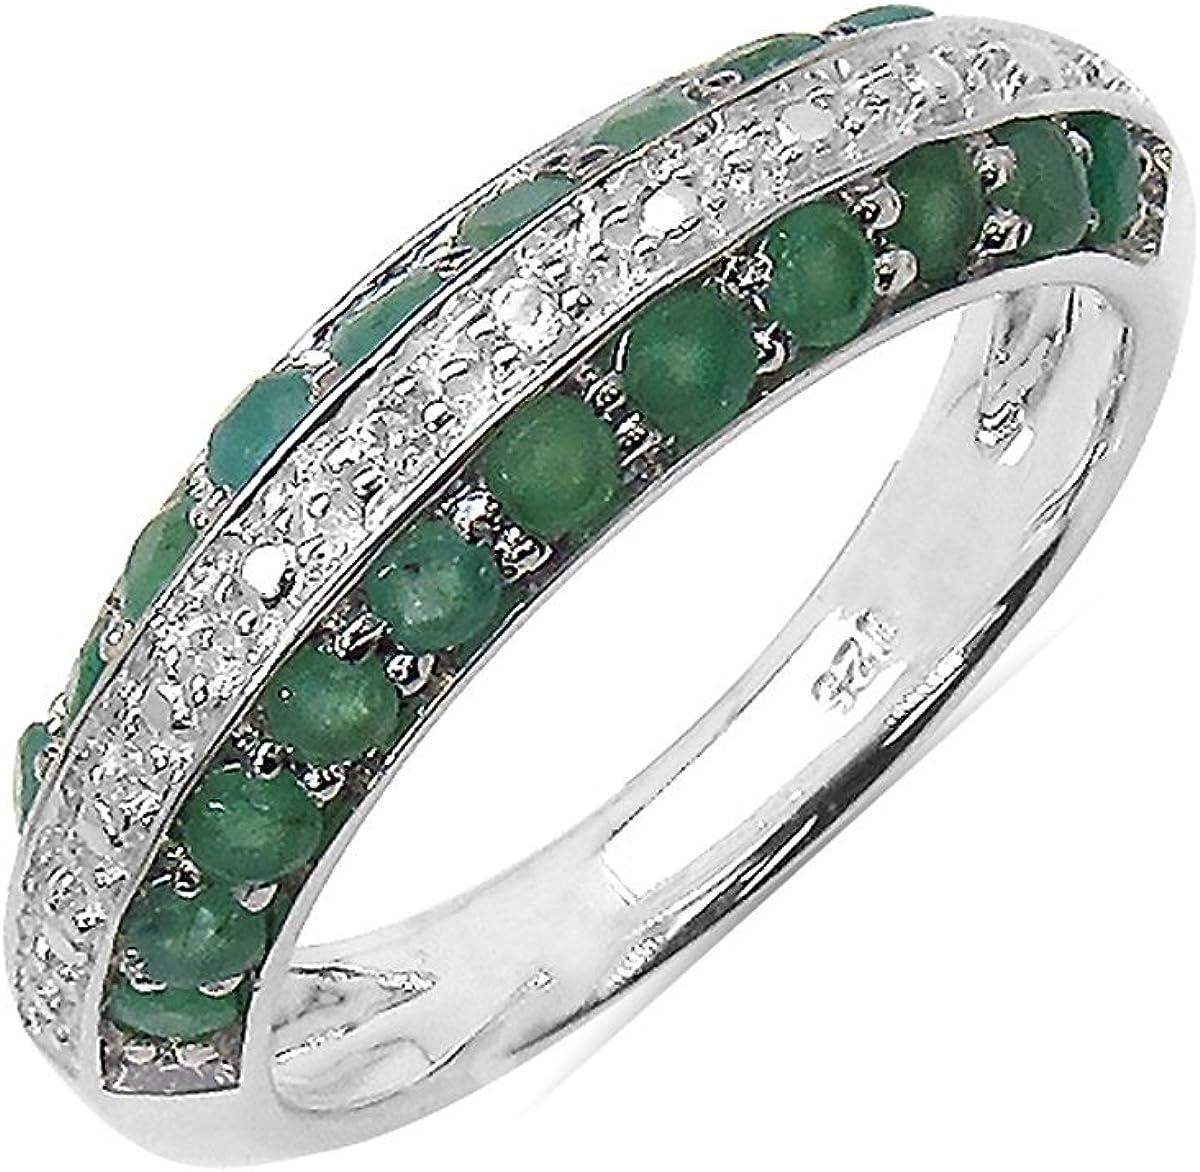 Silvancé - Anillo de mujer - plata esterlina 925 bañada en rodio - auténtico piedras preciosas: Emerald ca. 0.97ct. - R4666E_SSR